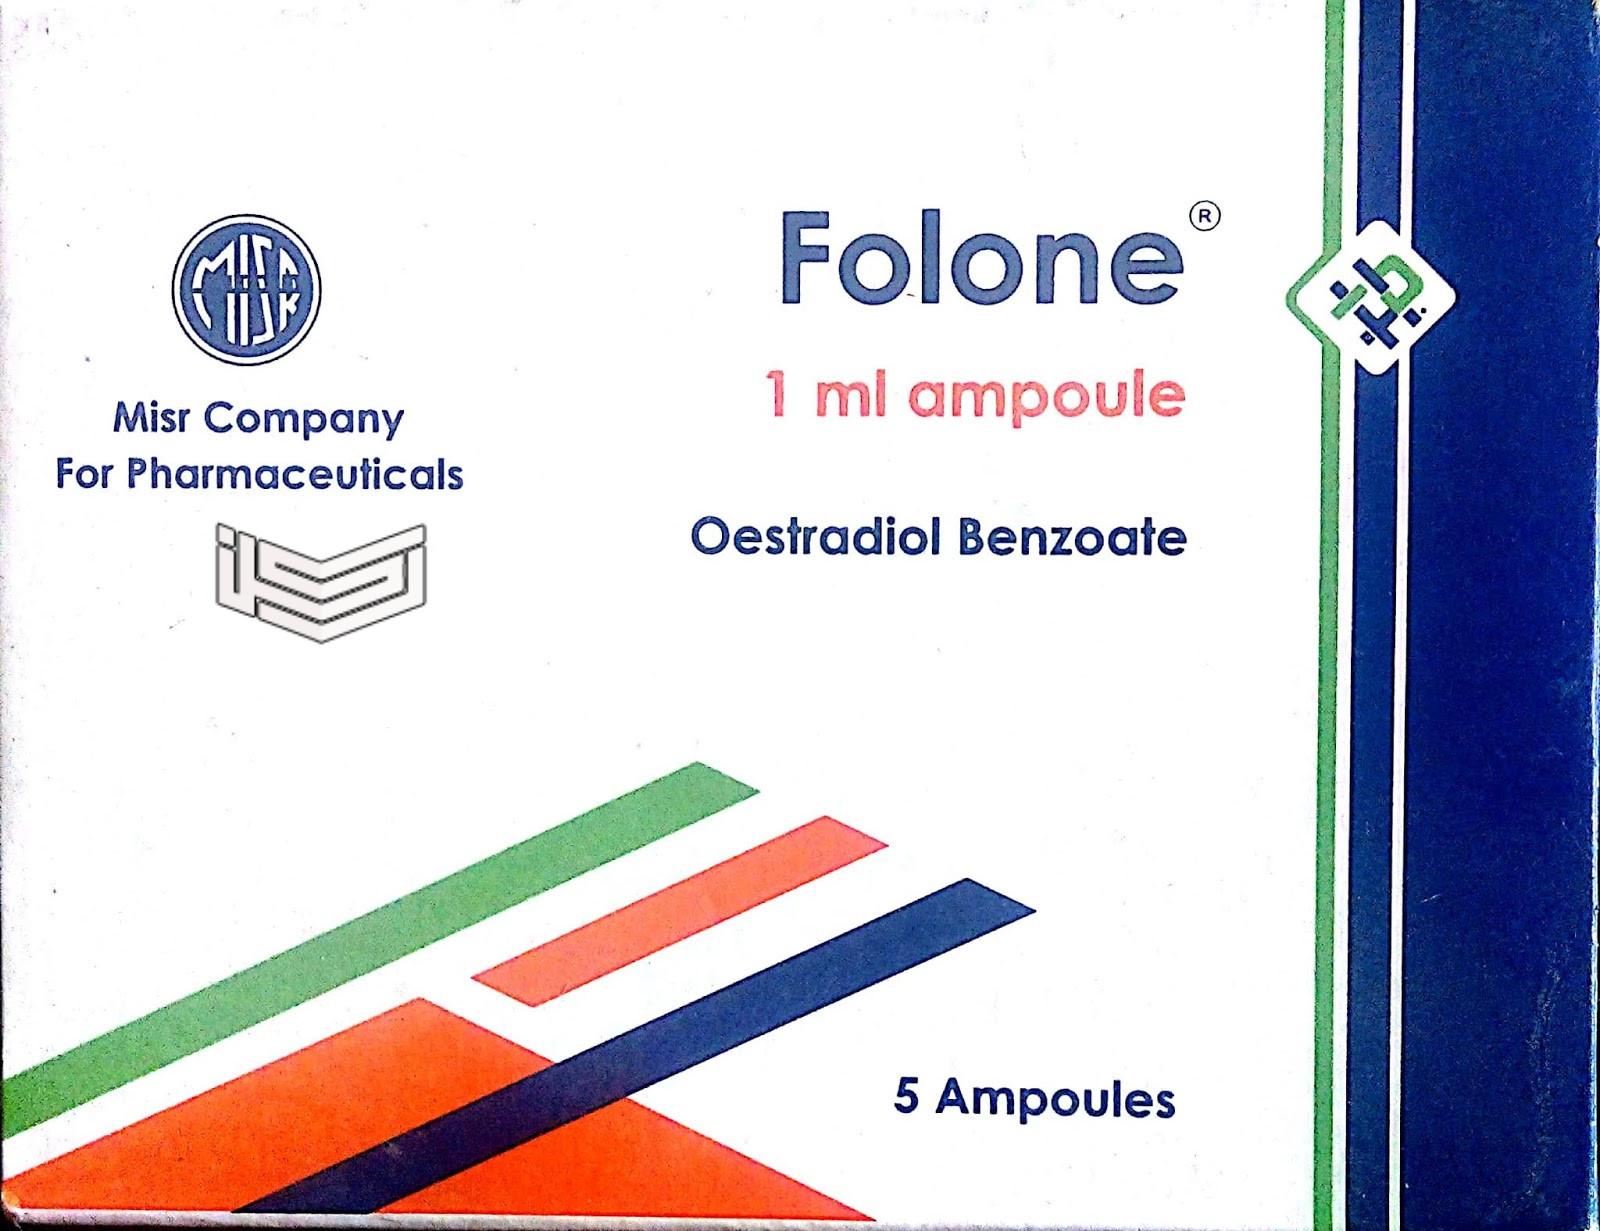 حقن فولون لعلاج جفاف المهبل Folone